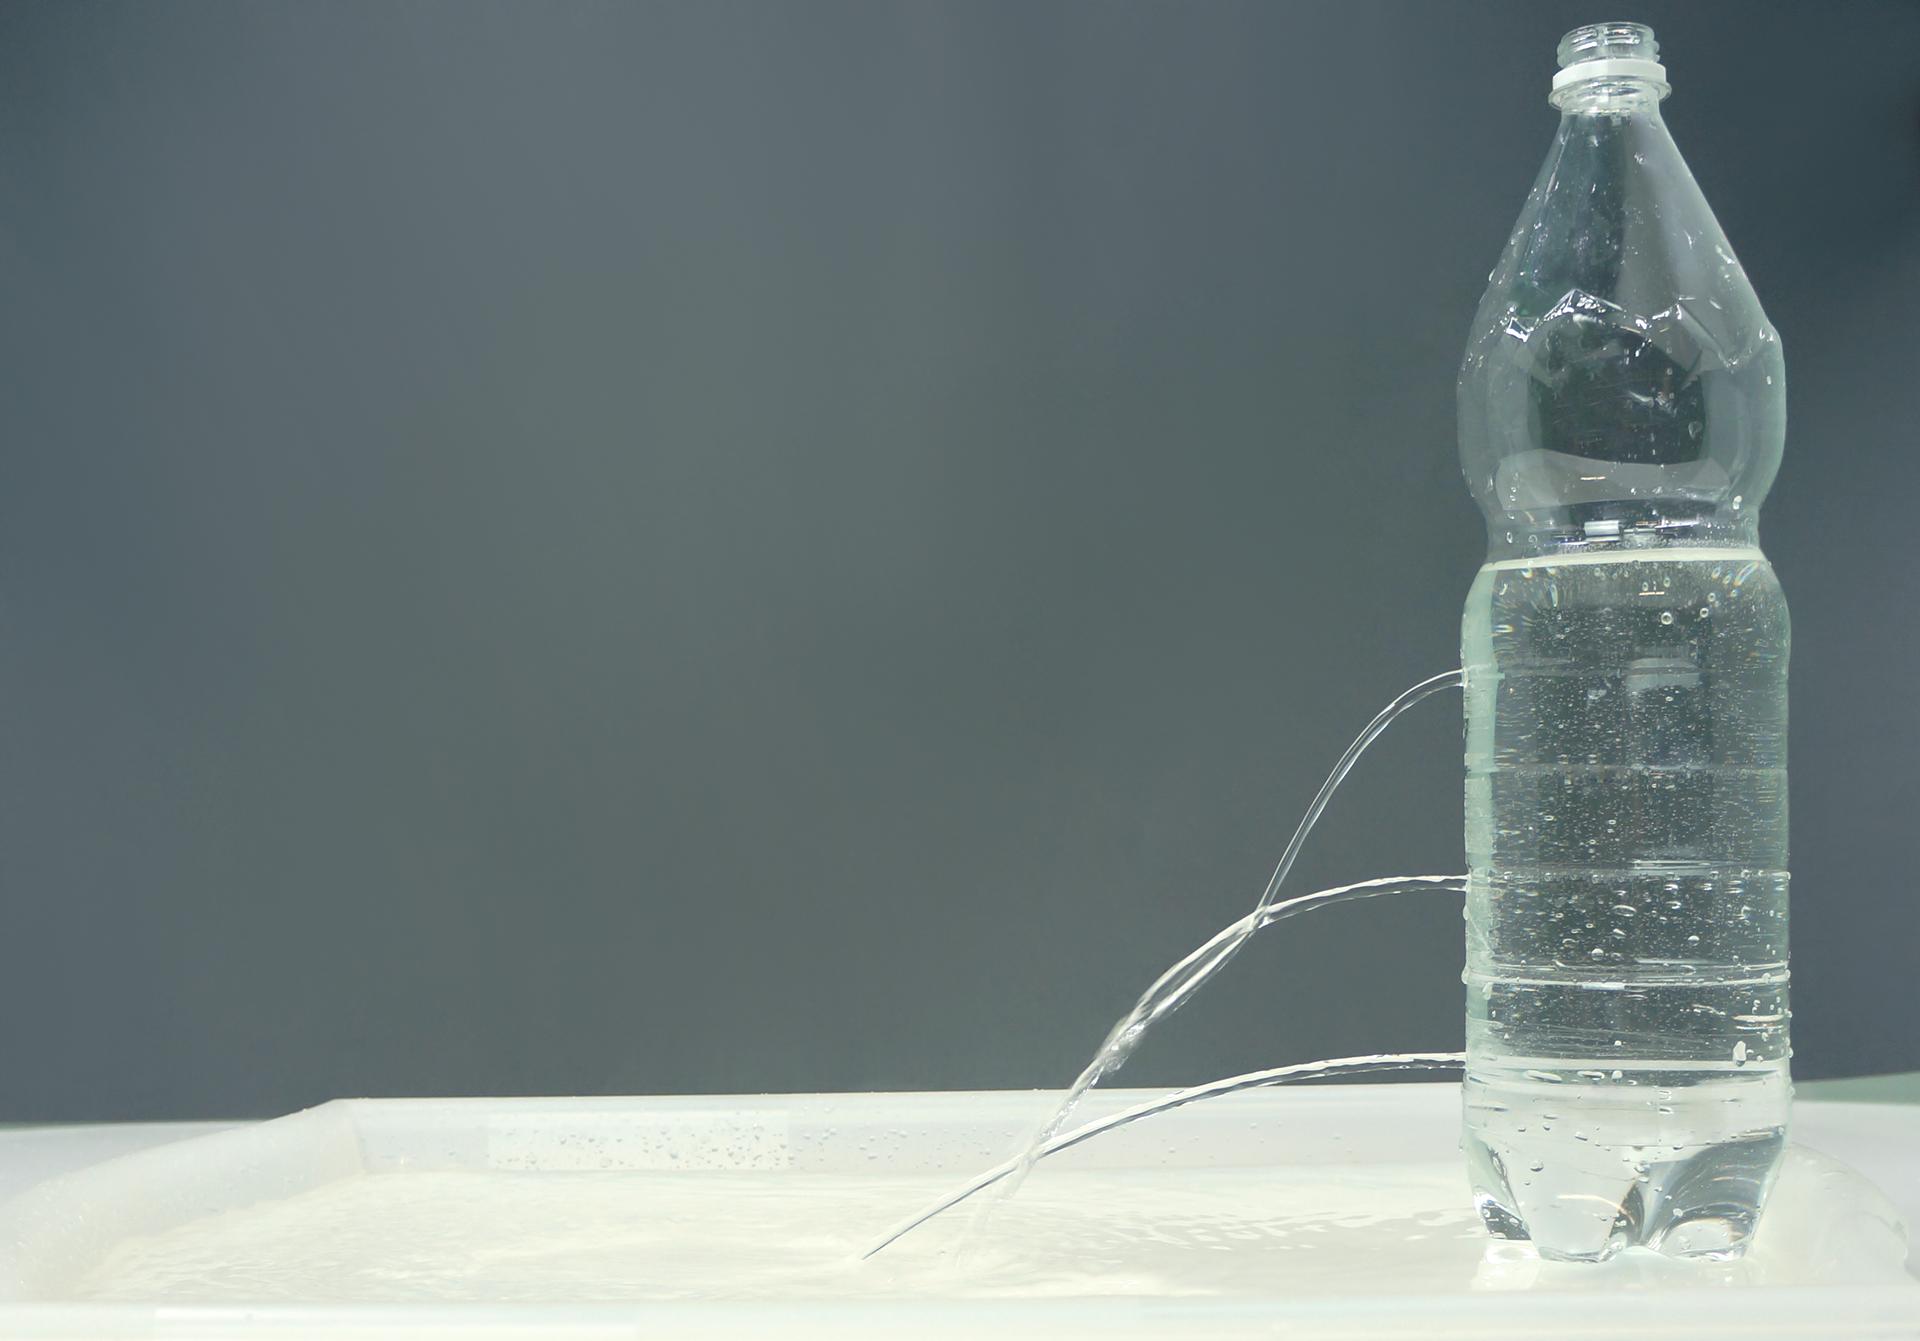 Zdjęcie przedstawiające butelkę wypełnioną wodą, przedziurawioną wtrzech miejscach. Strumienie wypływającej wody posiadają różne ciśnienie wzależności od wysokości słupa wody wbutelce.